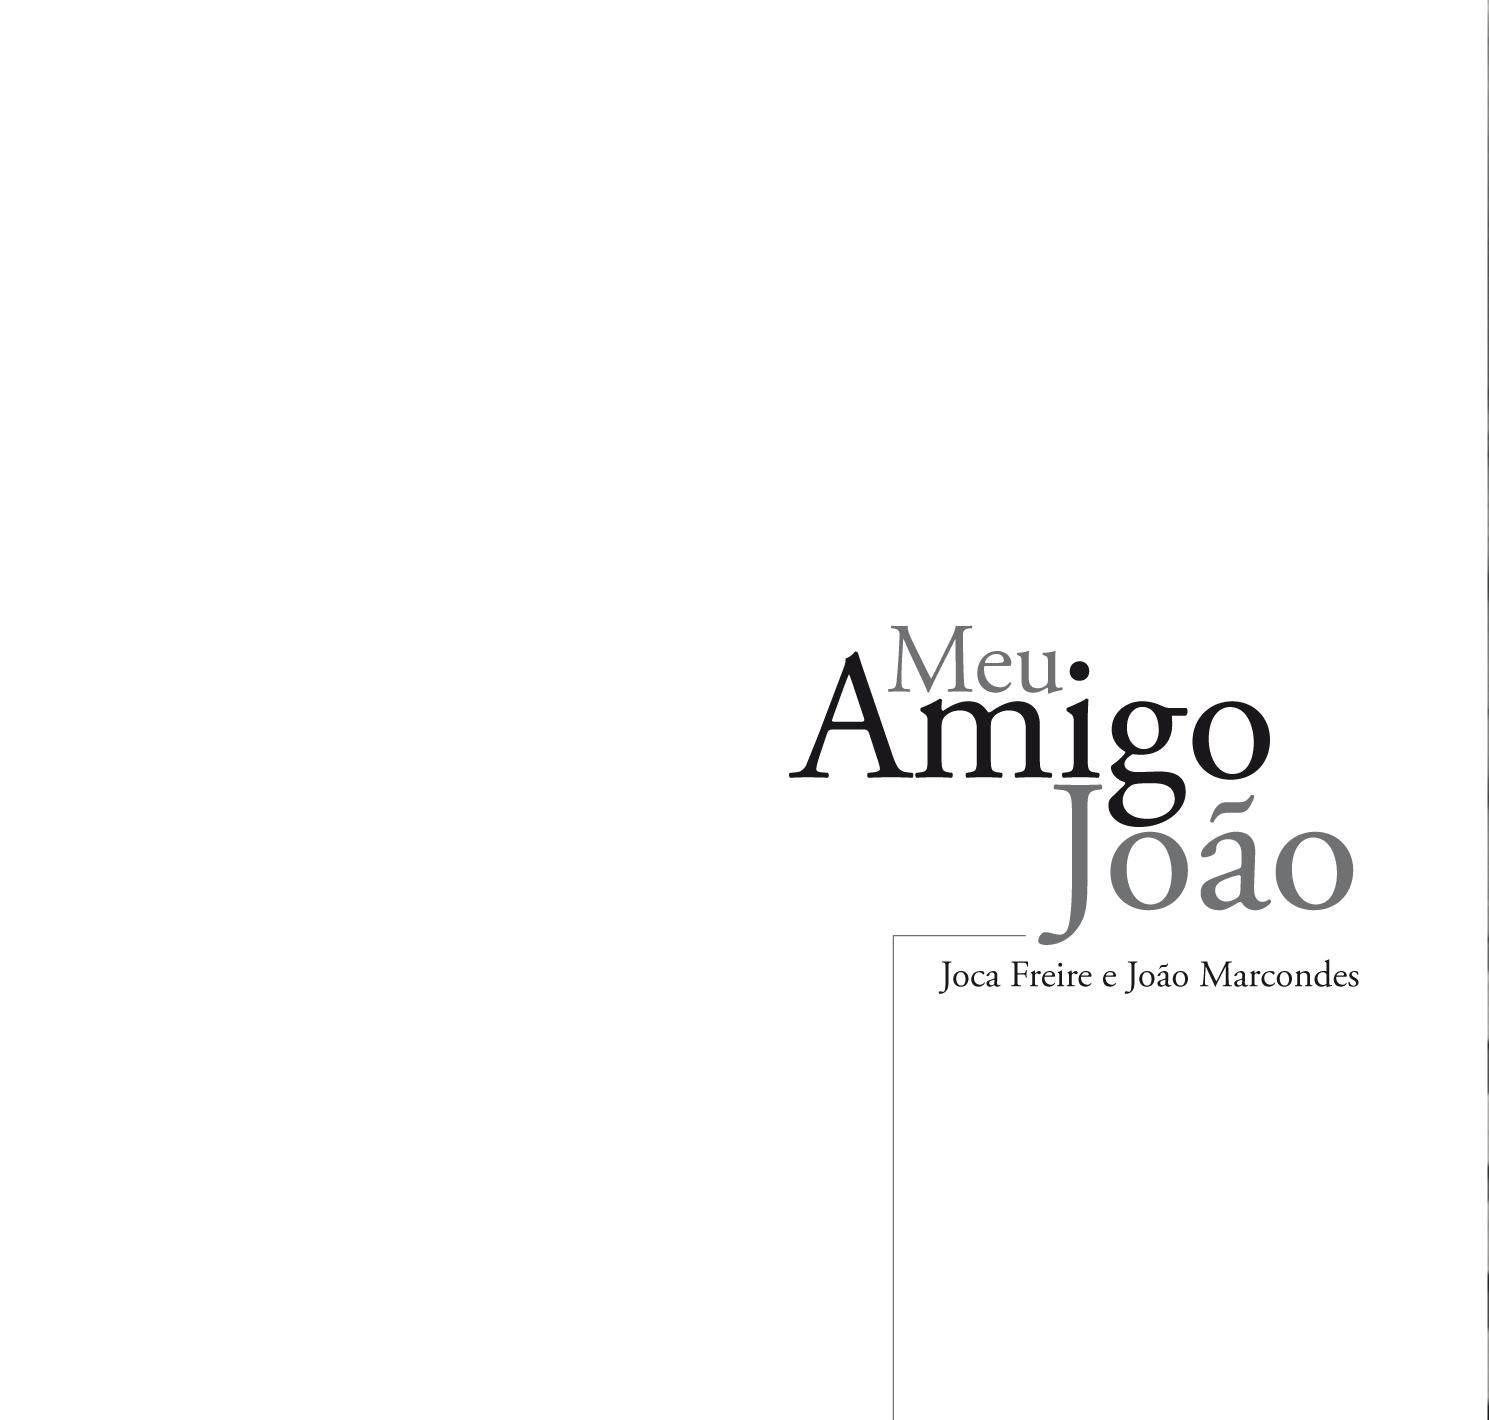 Meu amigo João - 2013